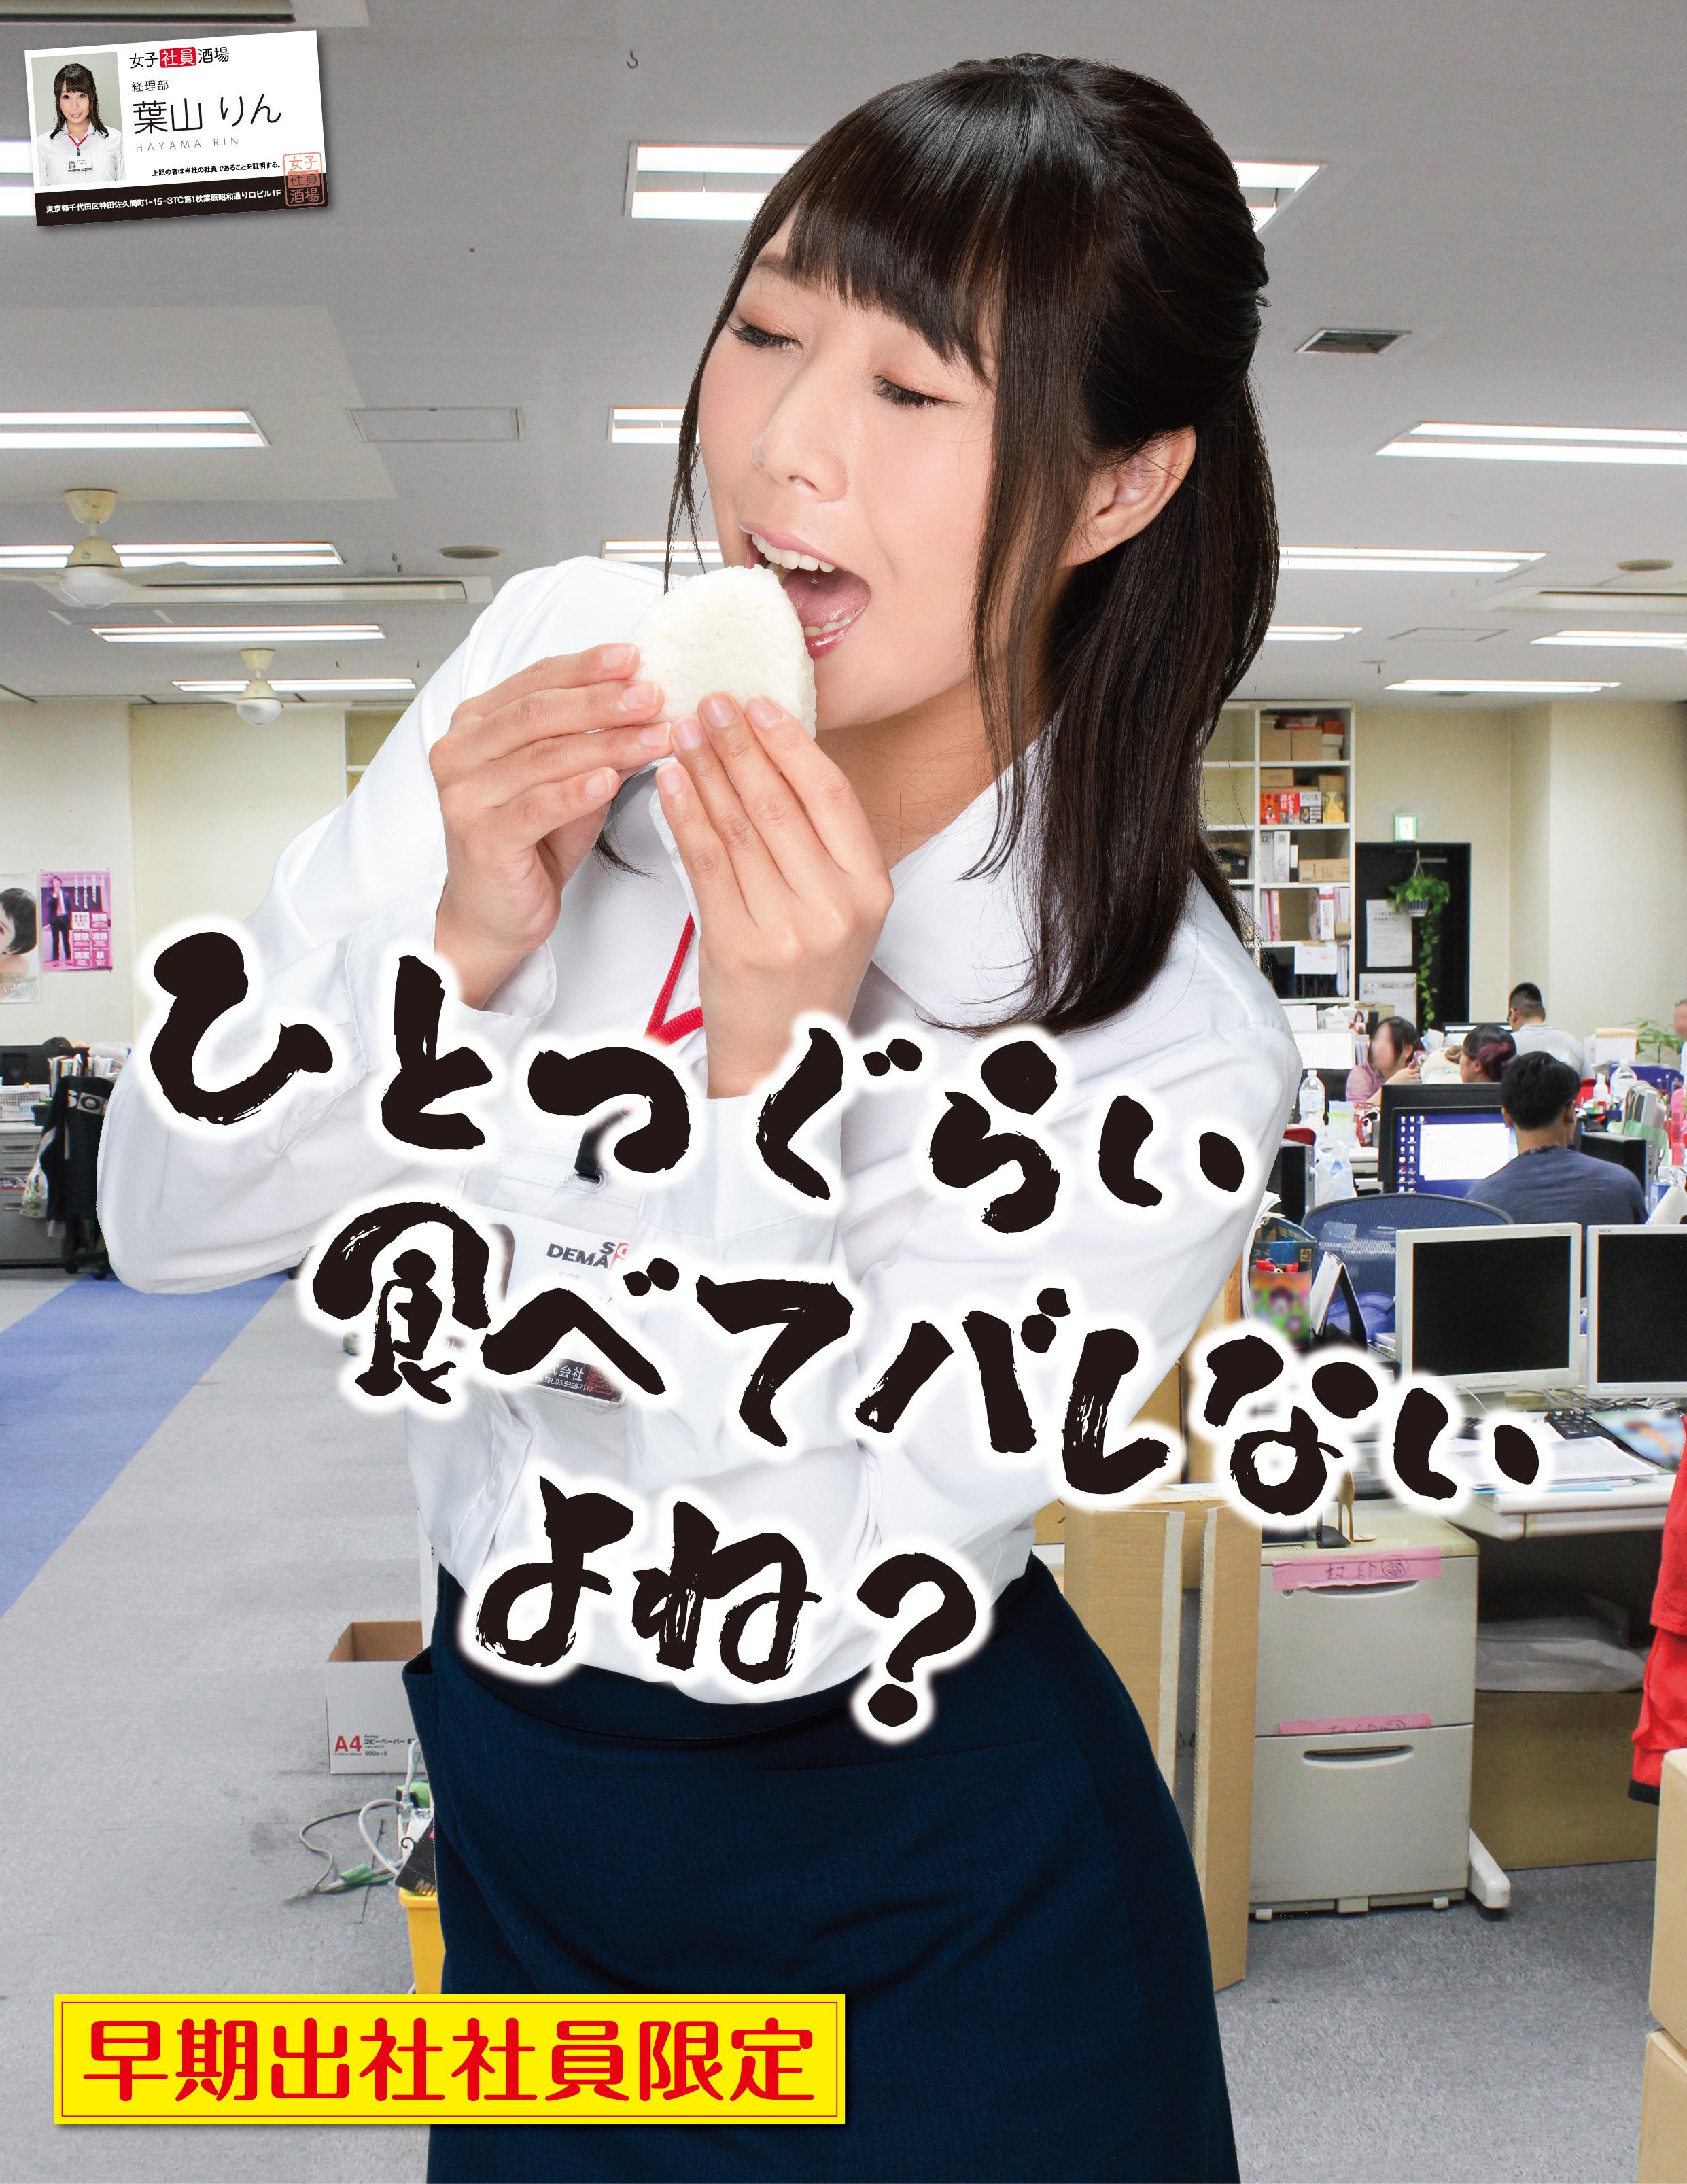 jss_onigiri_ol_